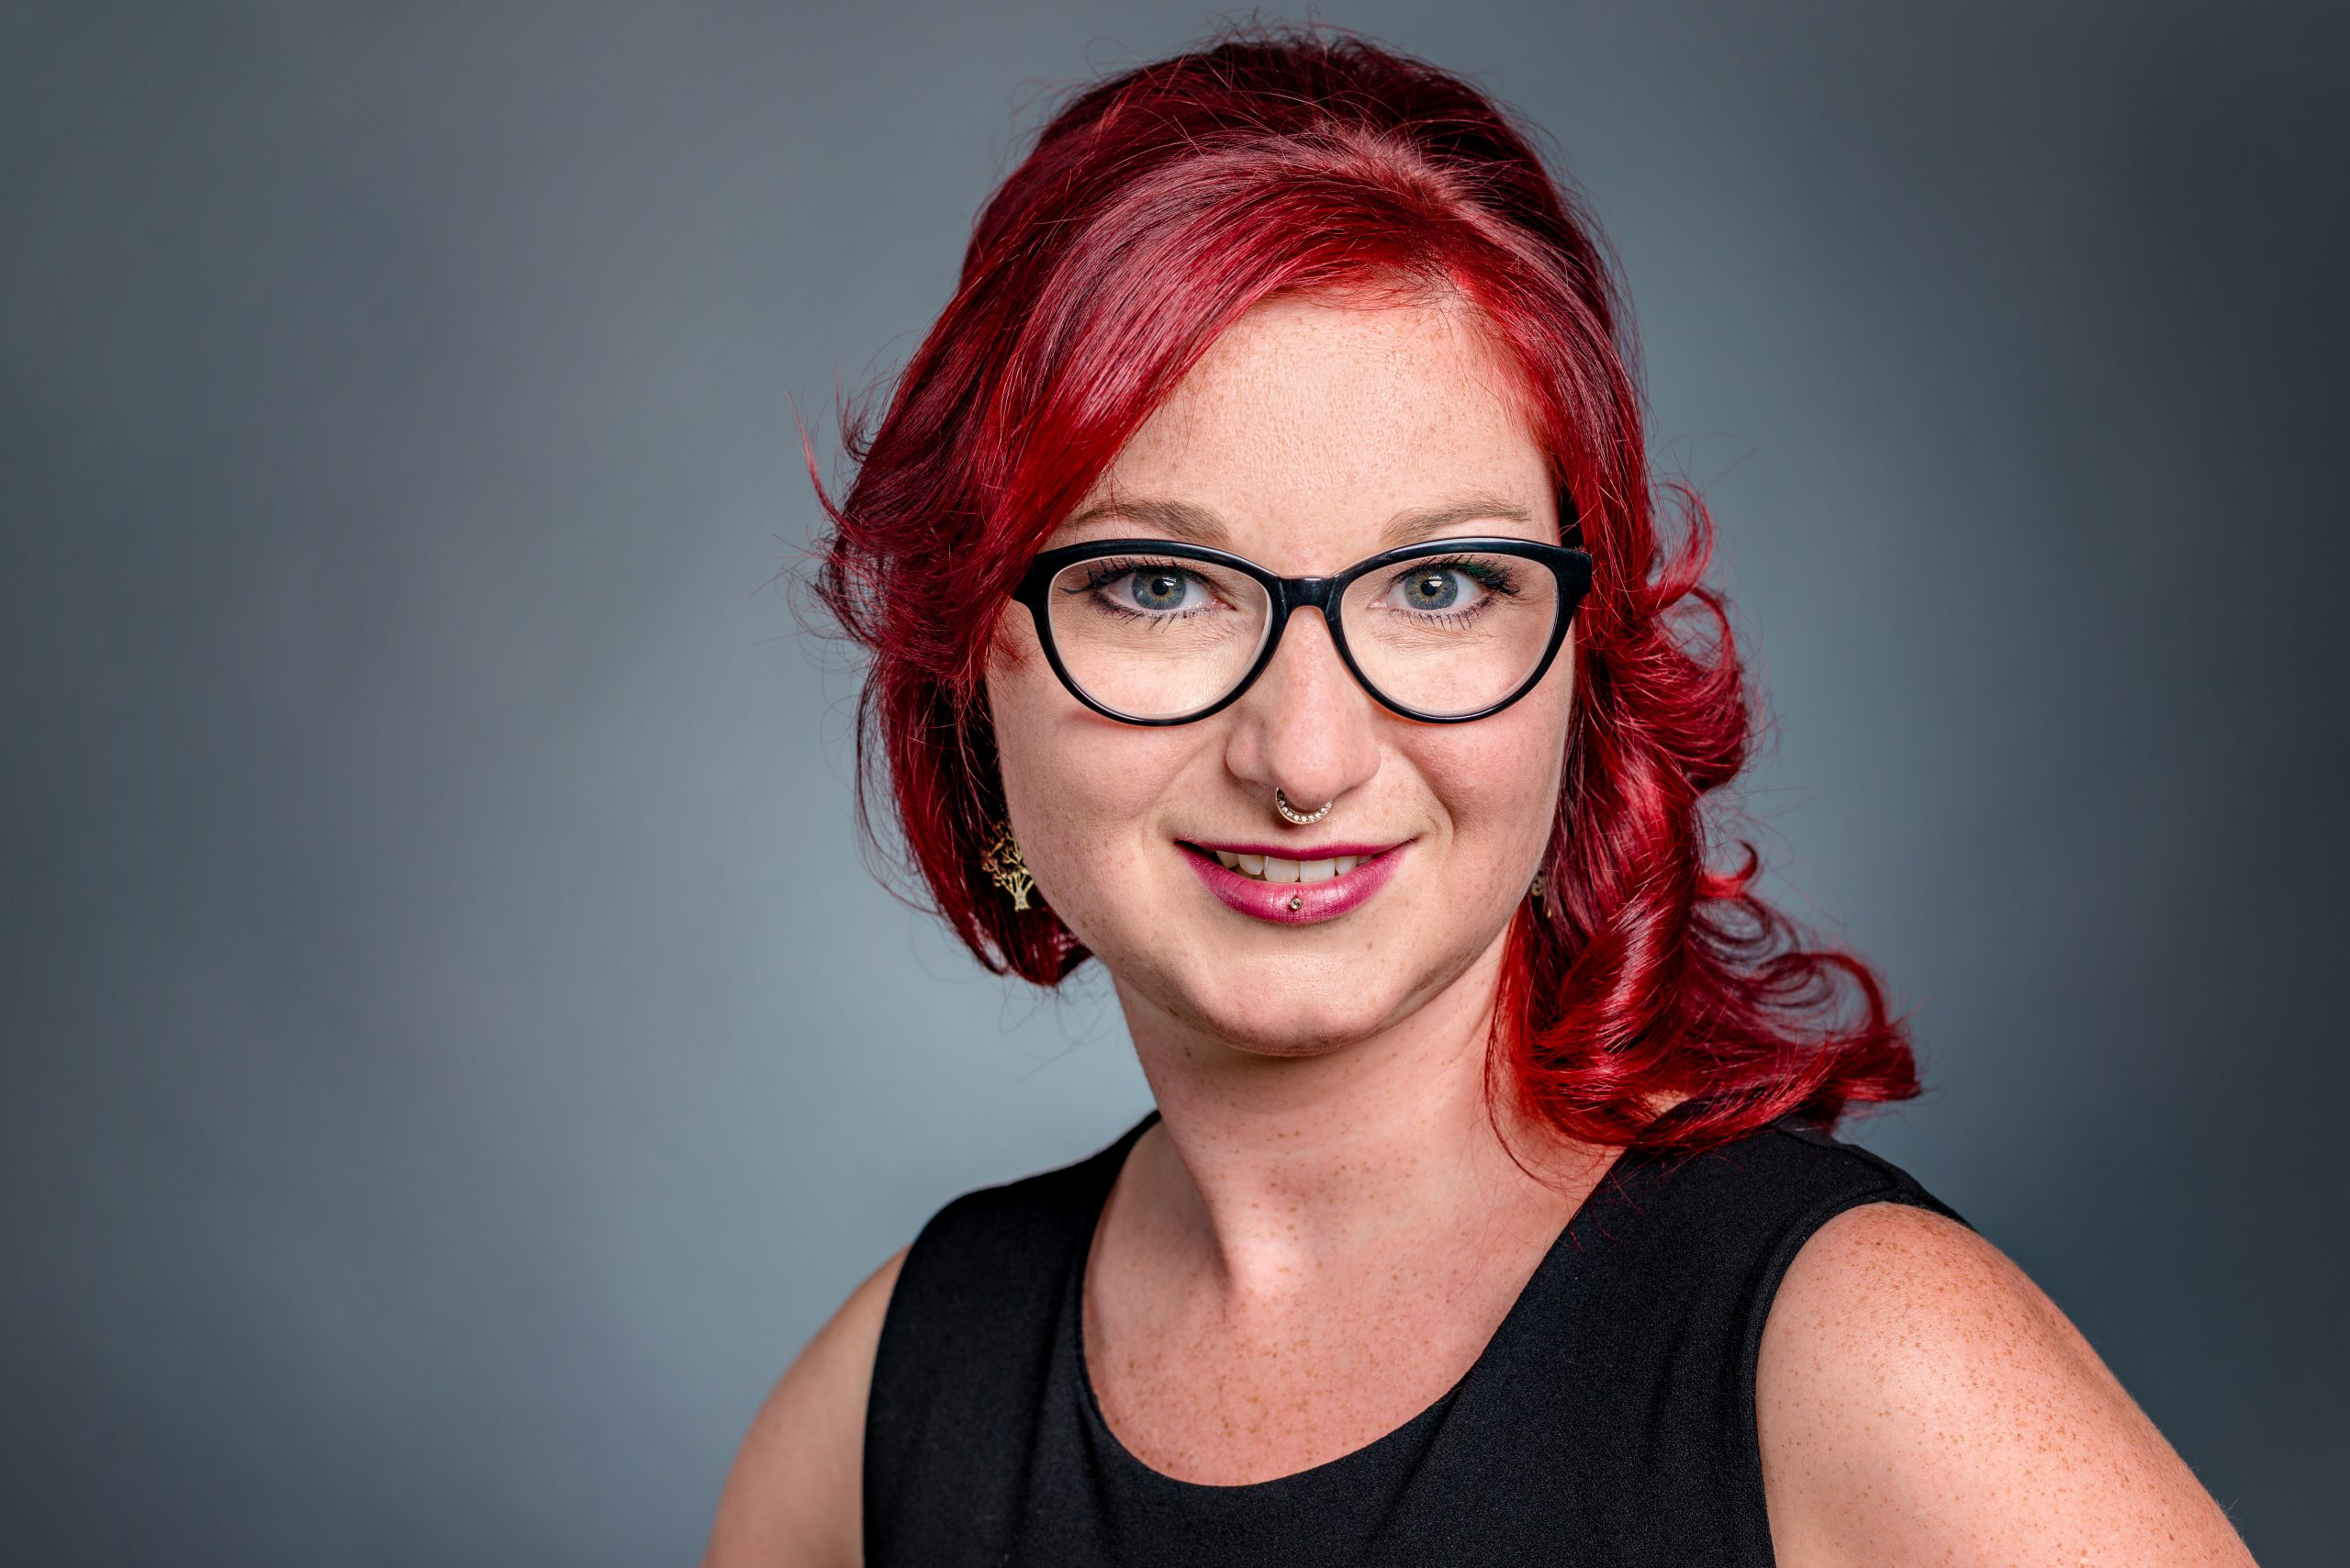 Annika Pasold